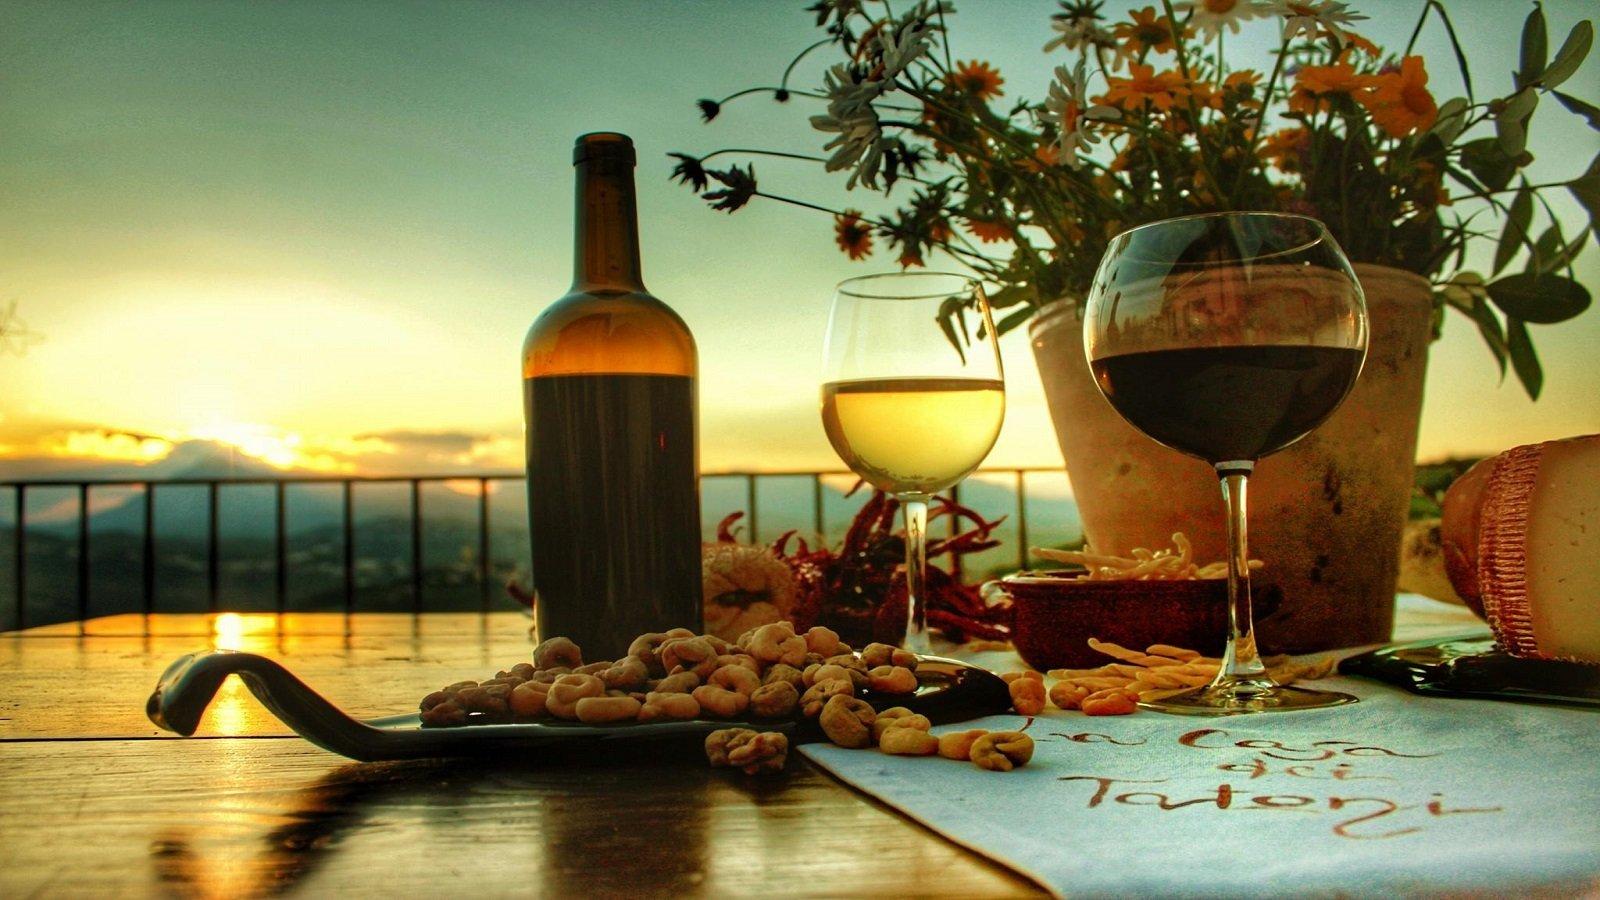 Nella tavola della terrazza di fronte al tramonto ci sono due bicchieri di vino,una bottiglia, formaggio e snack